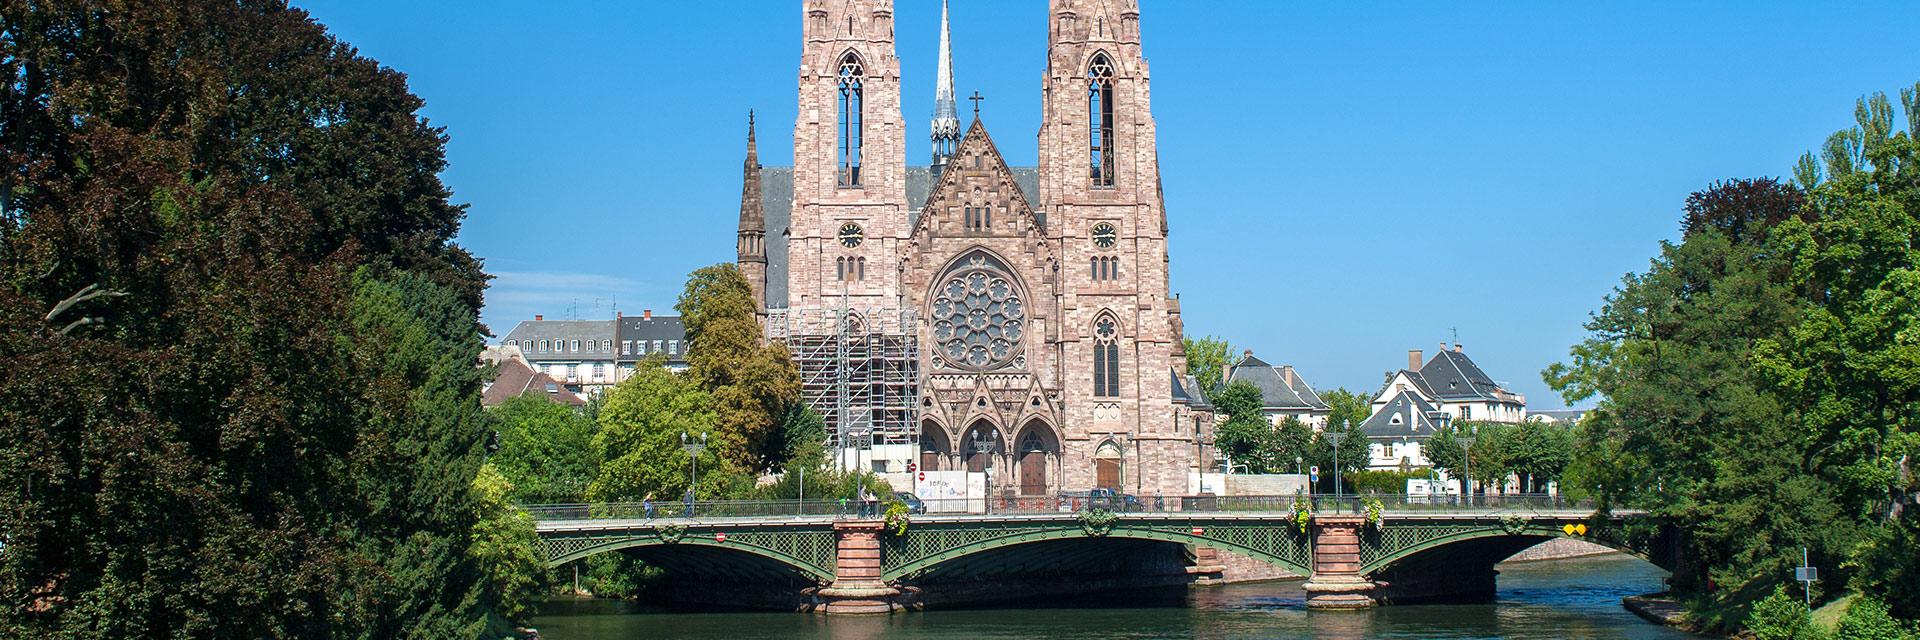 village-vacances-domaine-st-jacques-cathedrale